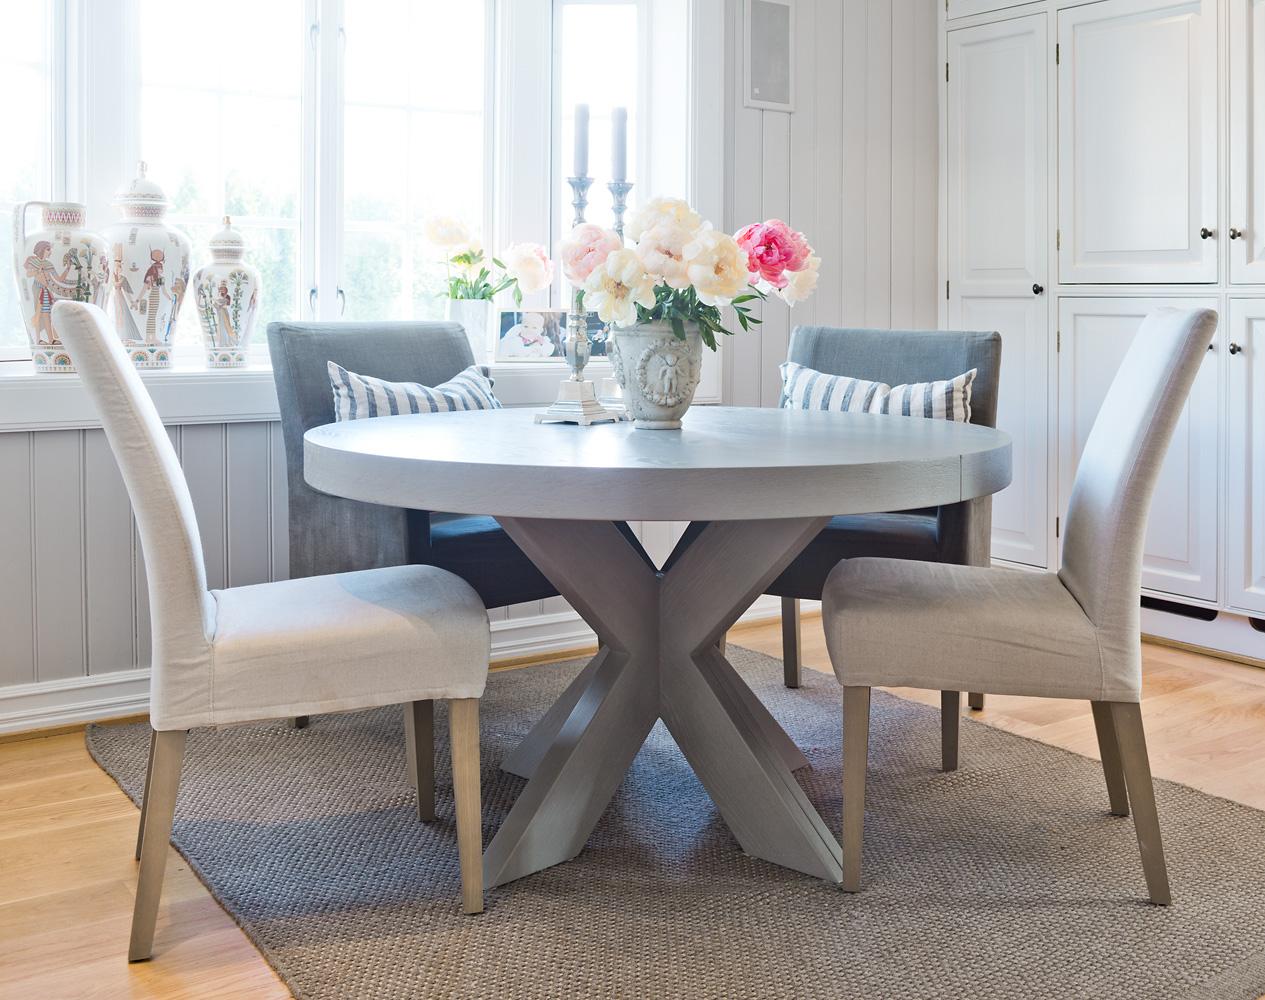 Utrolig Hus og hjem blir til...: Ny spisestue - Inspirasjon NT-79